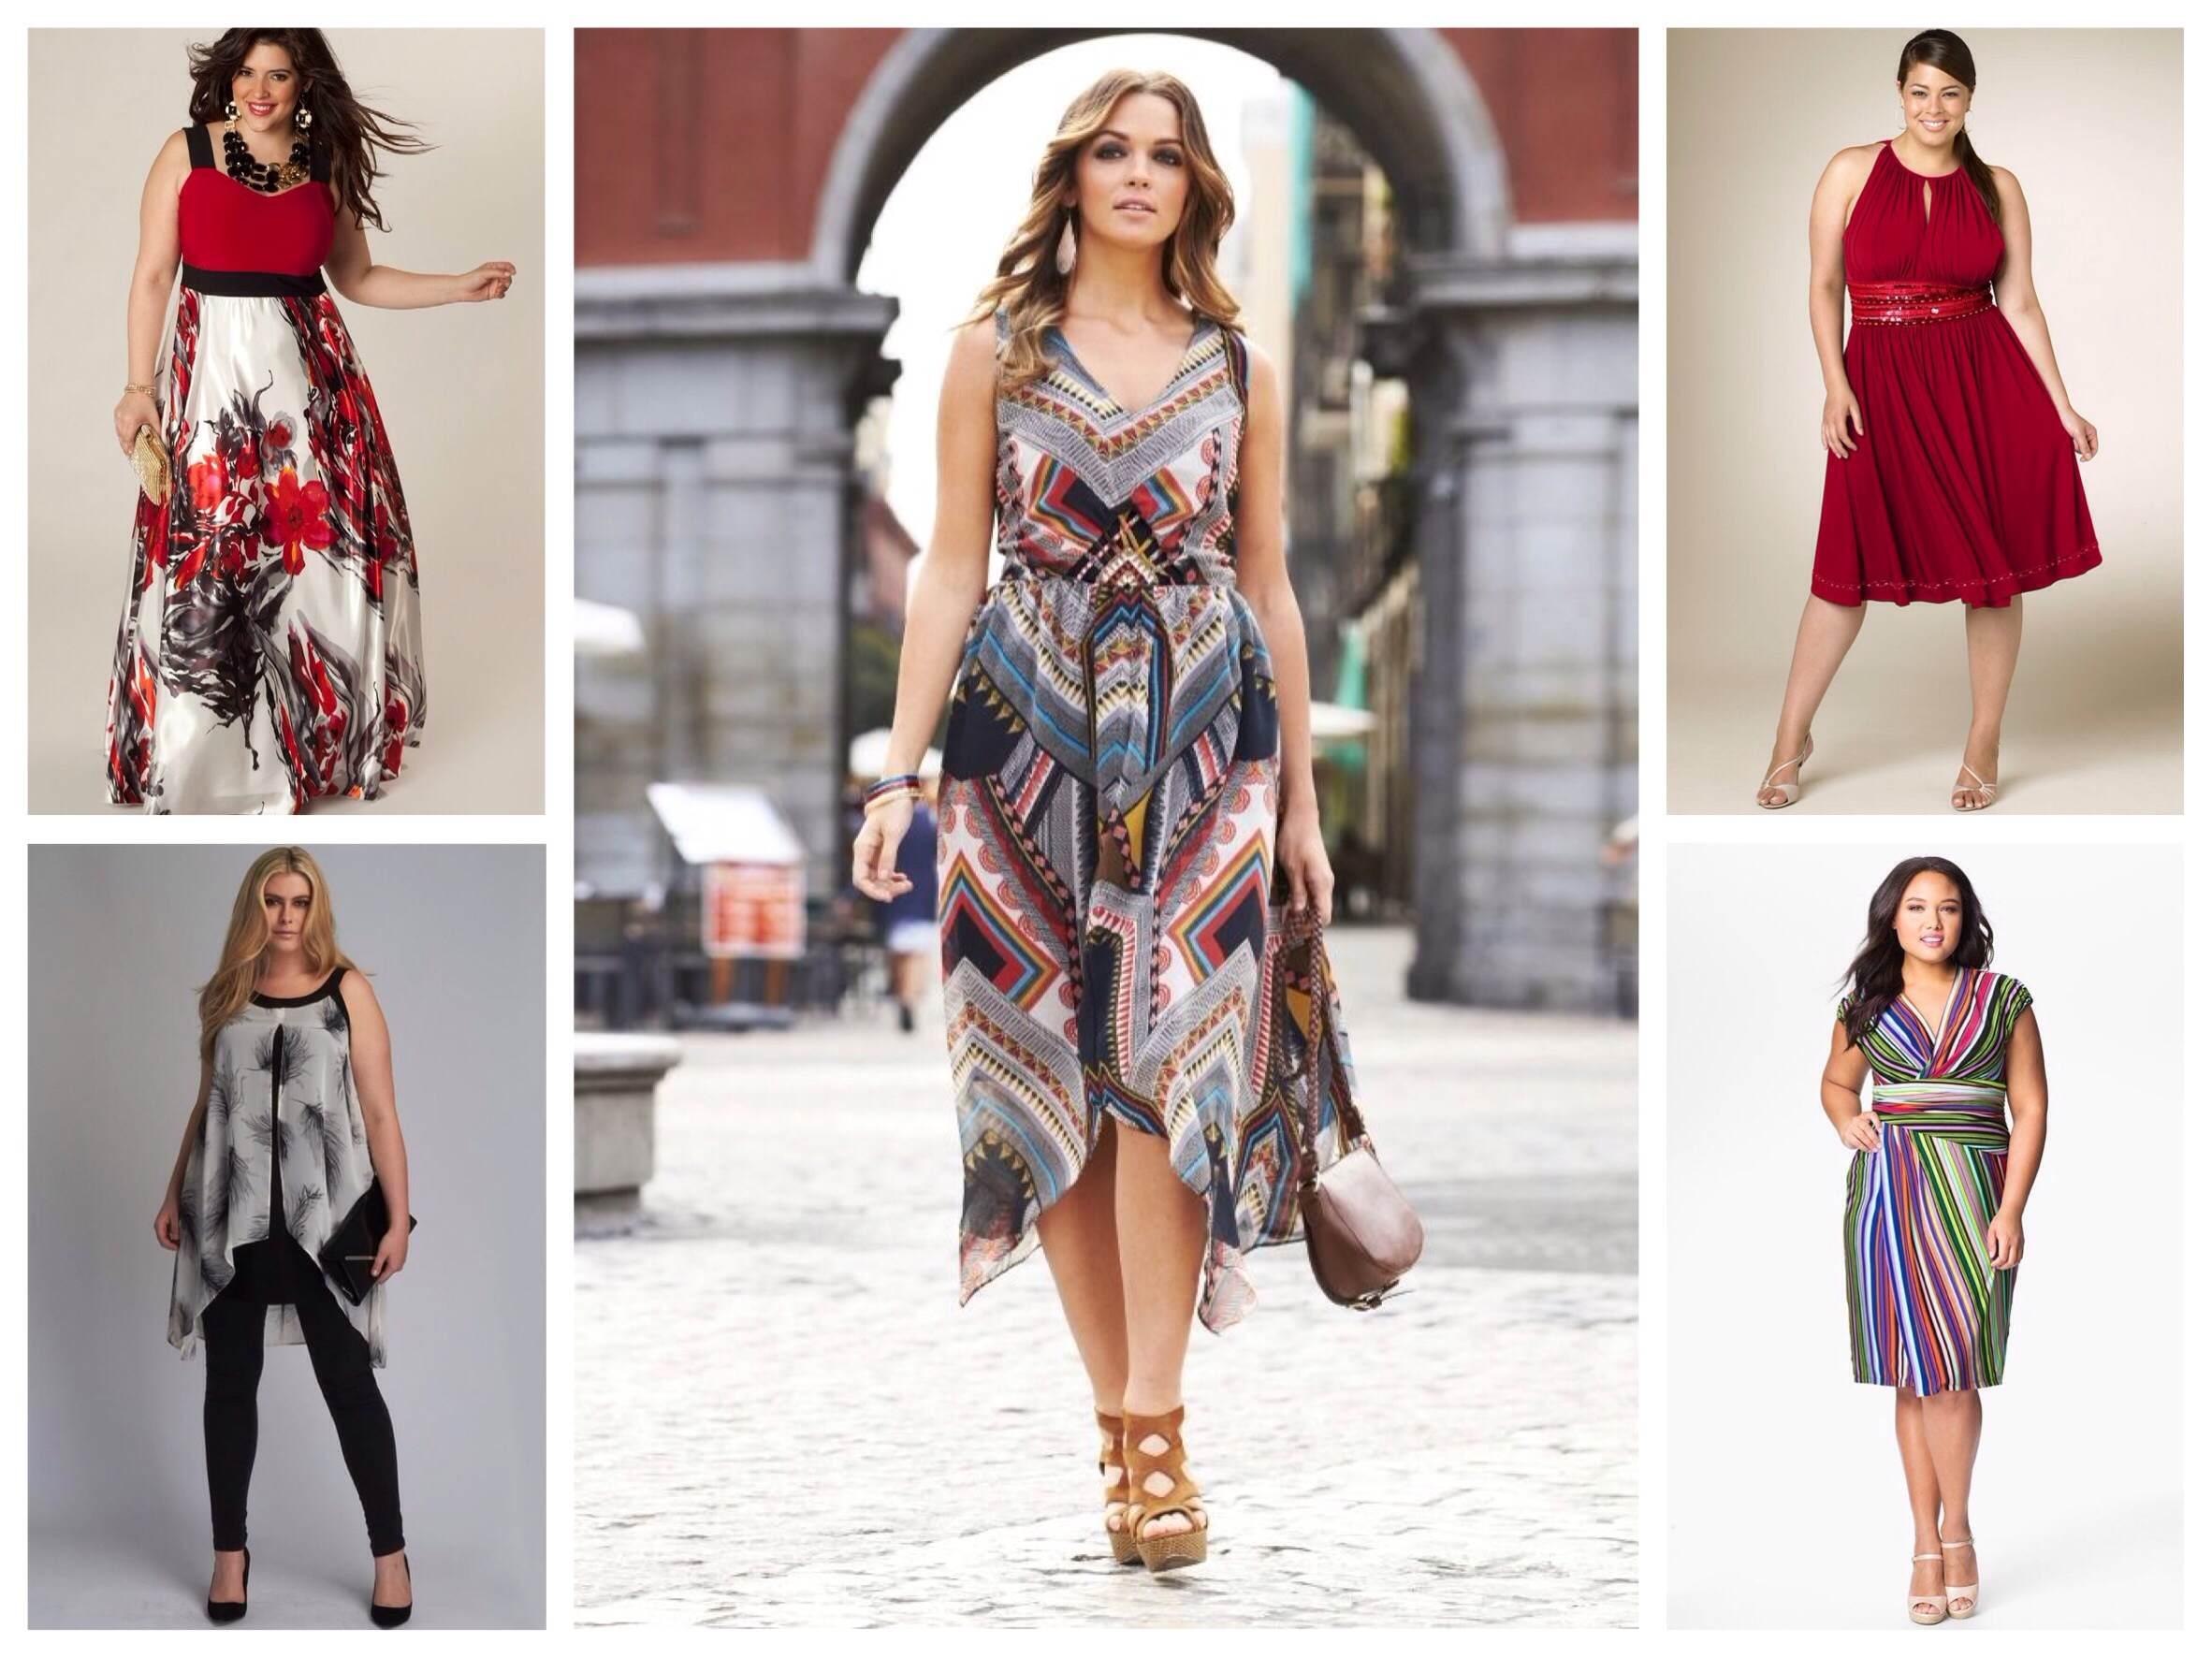 Красивые наряды для смелых женщин